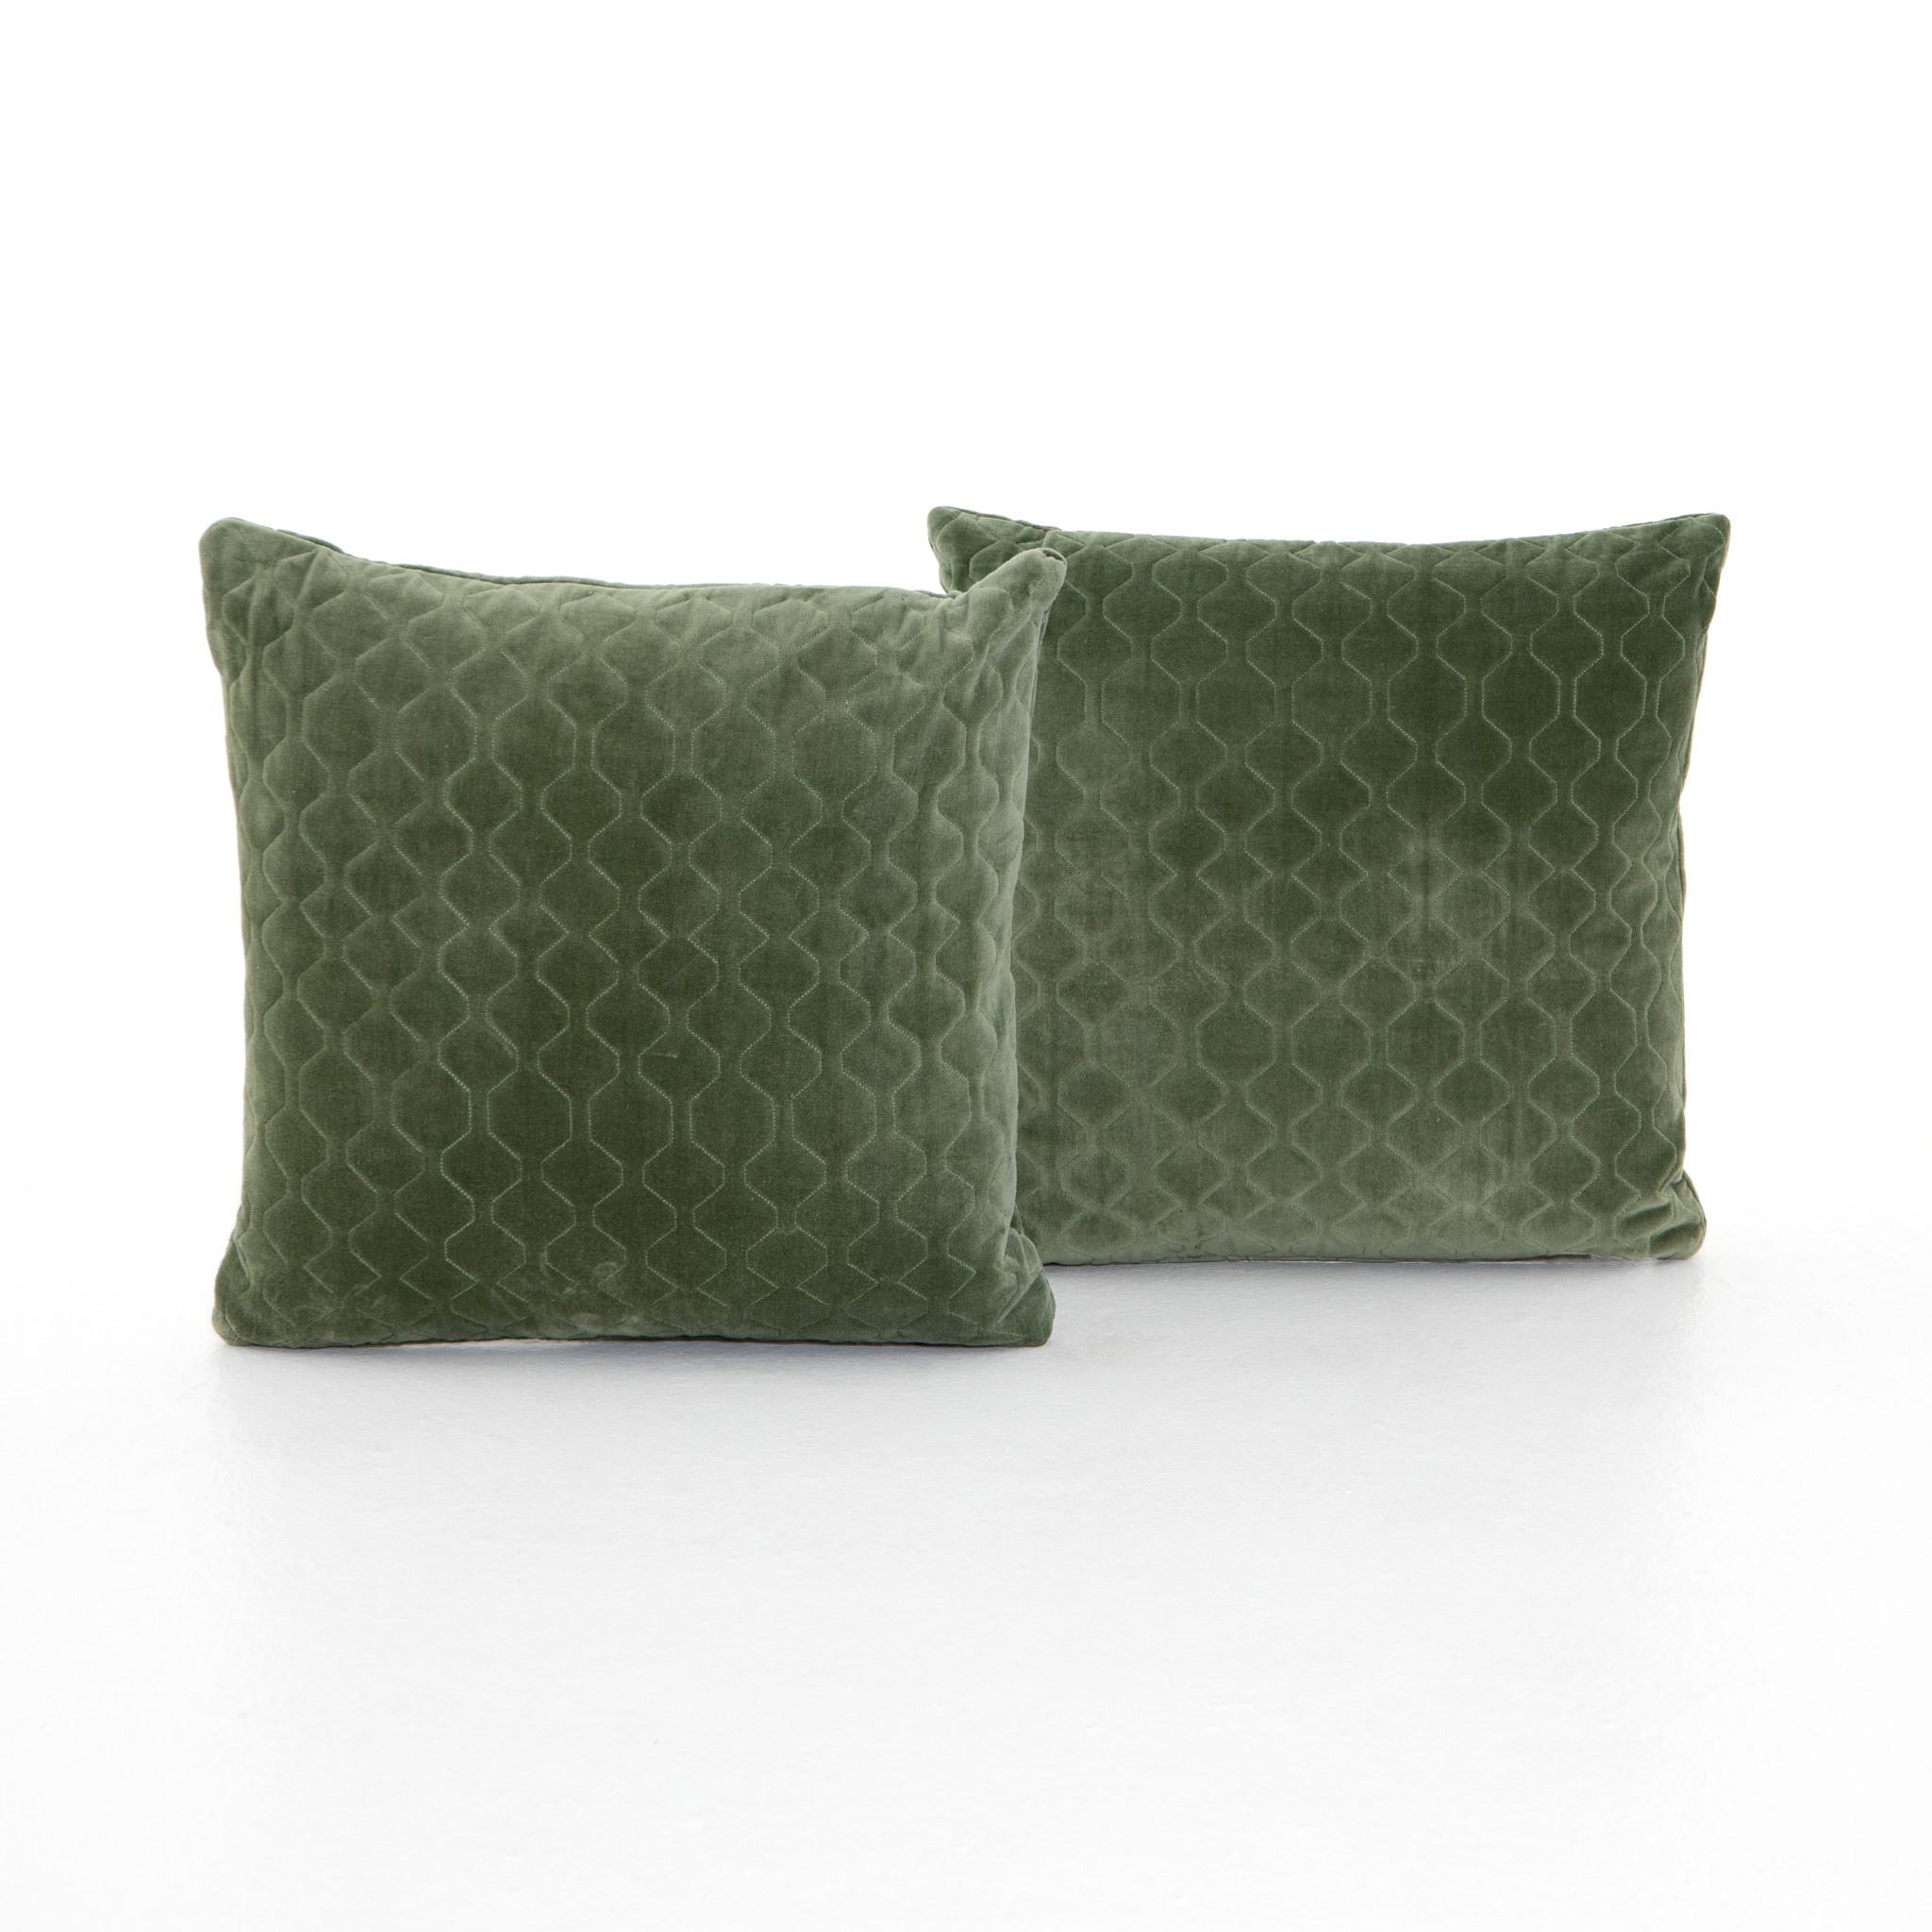 Bly Velvet Pillow Moss - 20 x 20